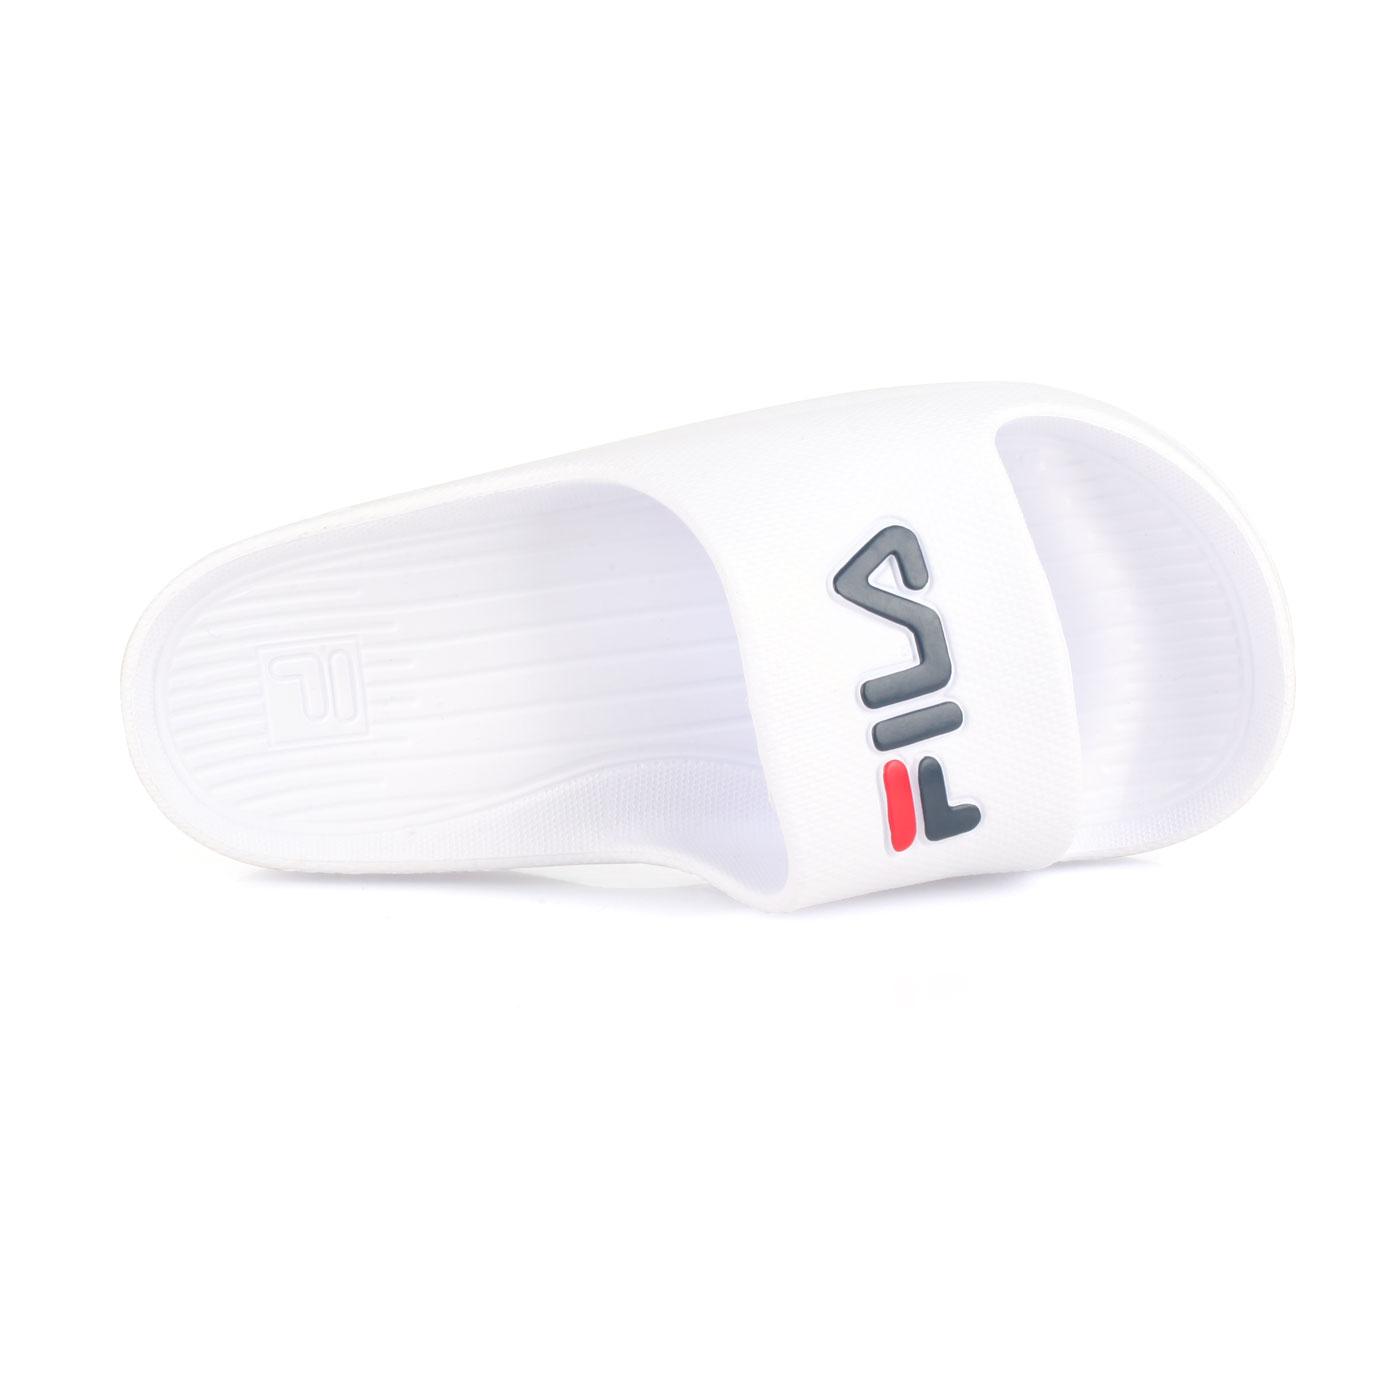 FILA 運動拖鞋 4-S355Q-113 - 白丈青紅